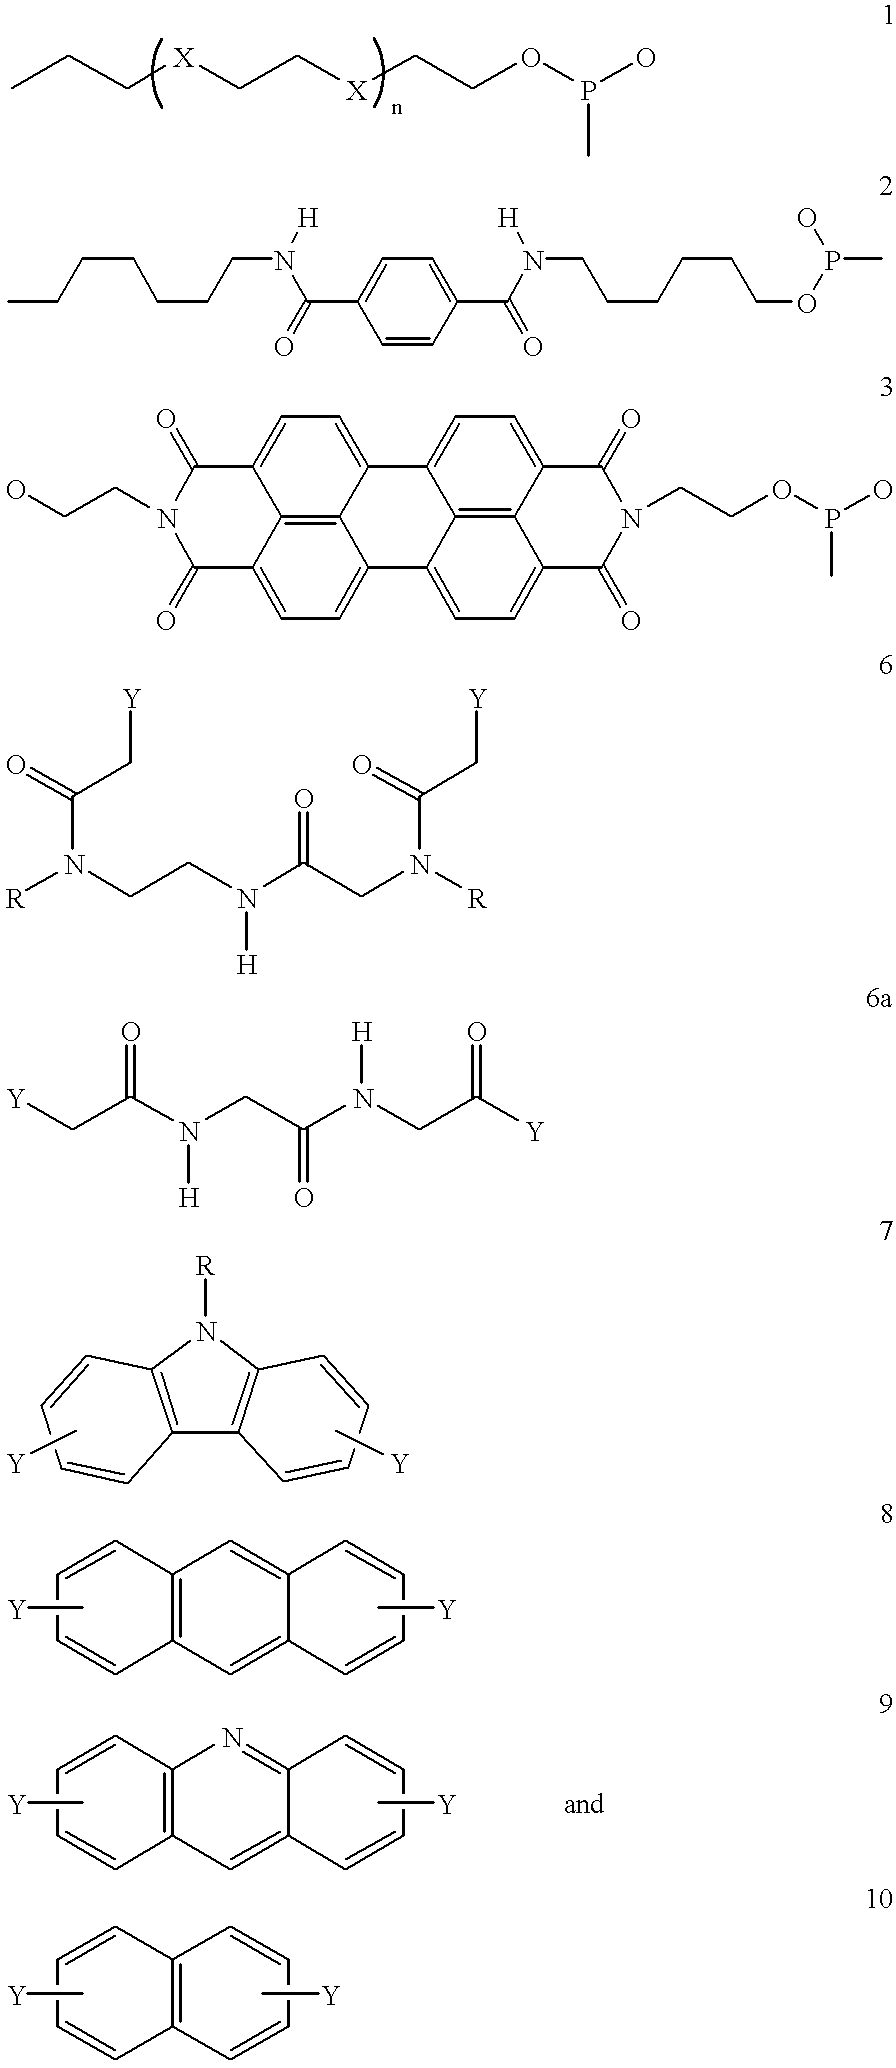 Figure US06362323-20020326-C00001